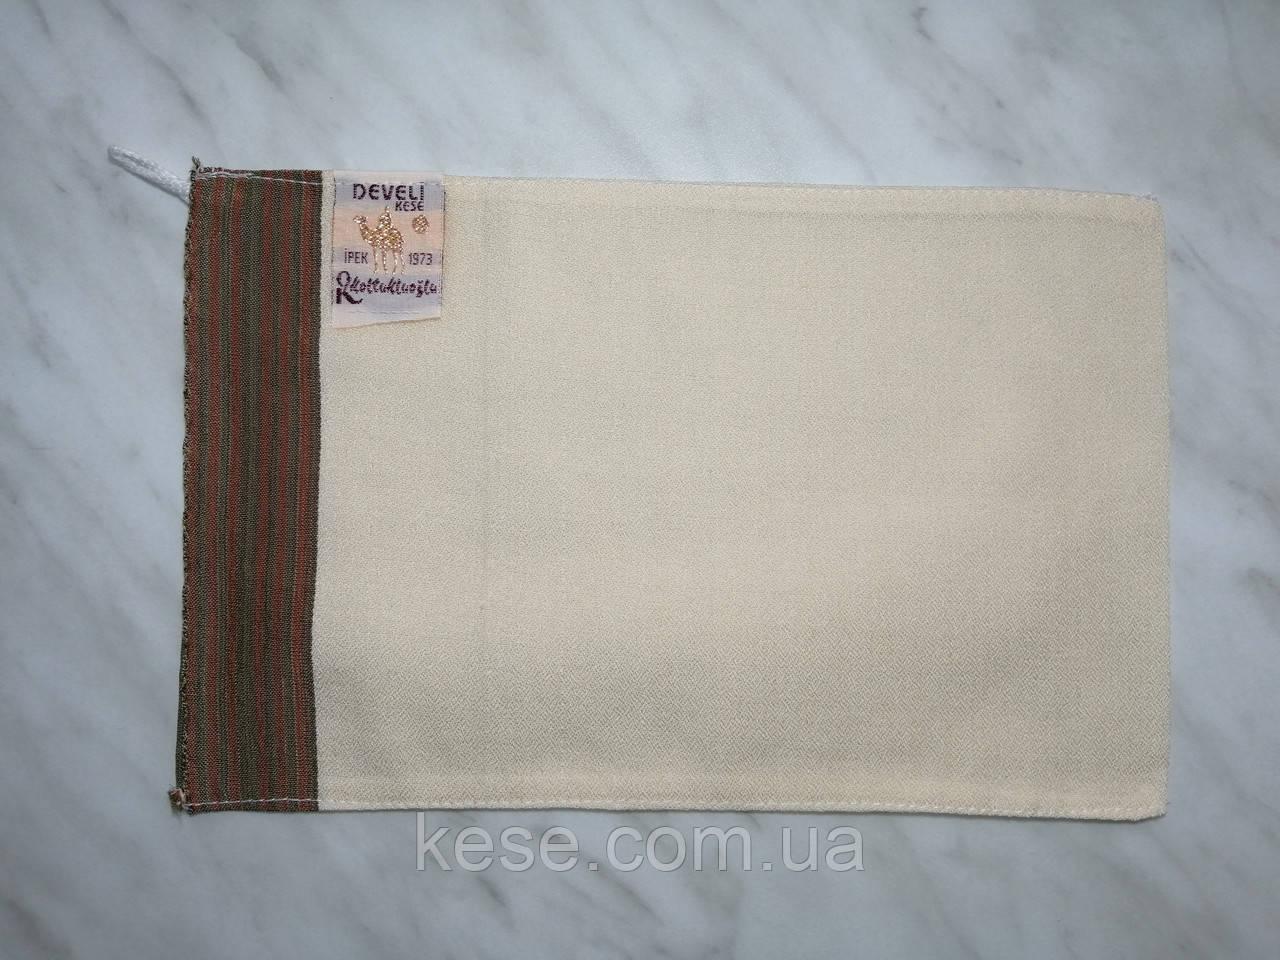 Перчатка для хамама кесе шелковая для тела (средней жесткости)